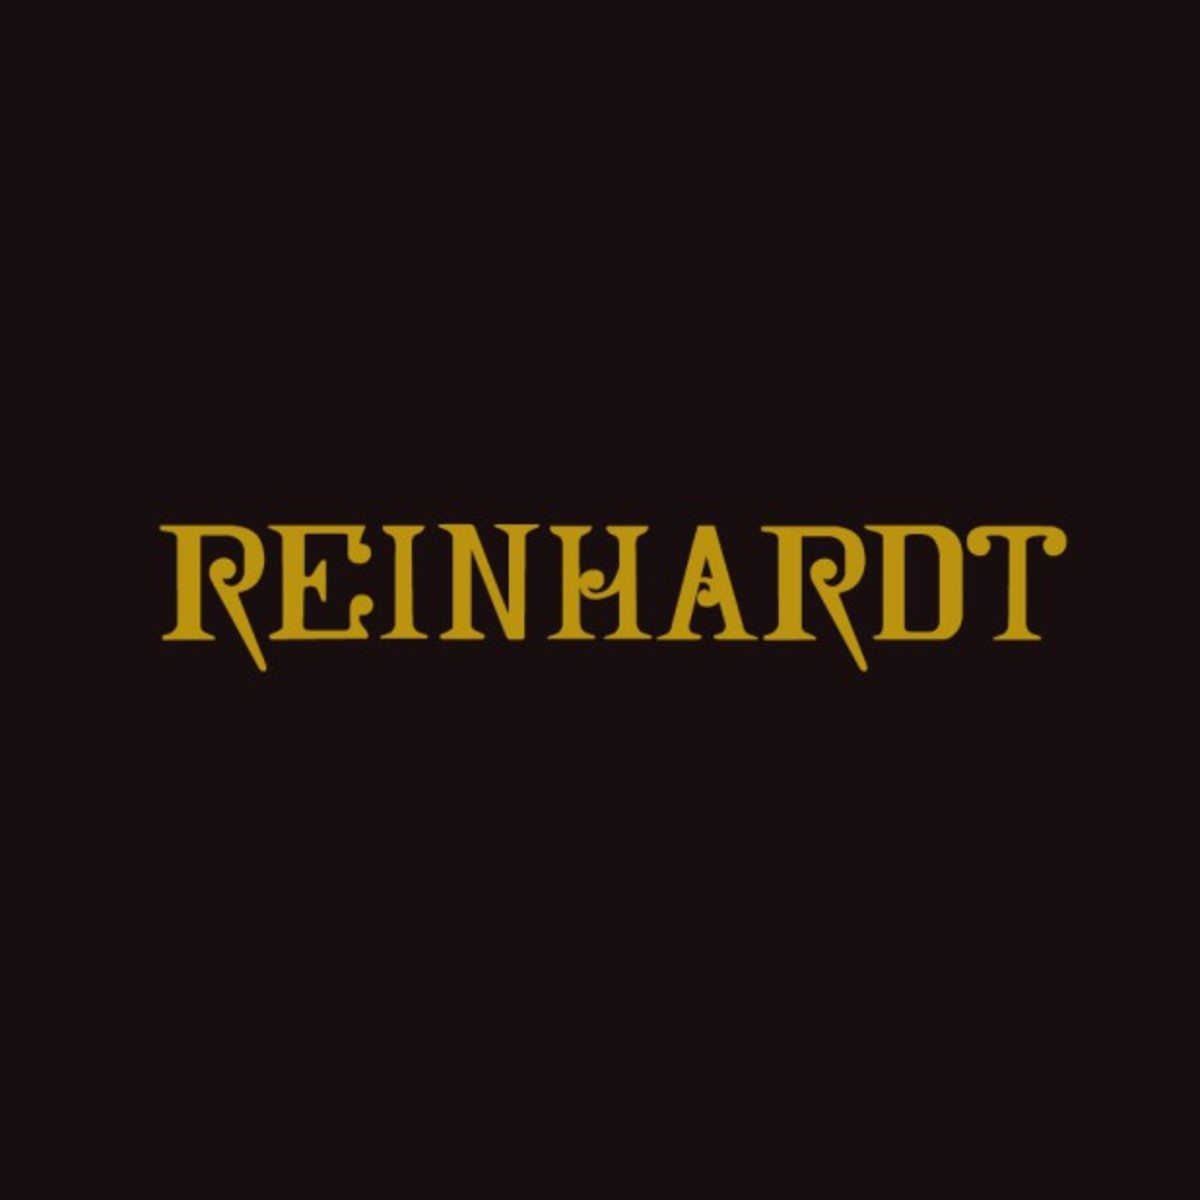 Reinhardt-gold